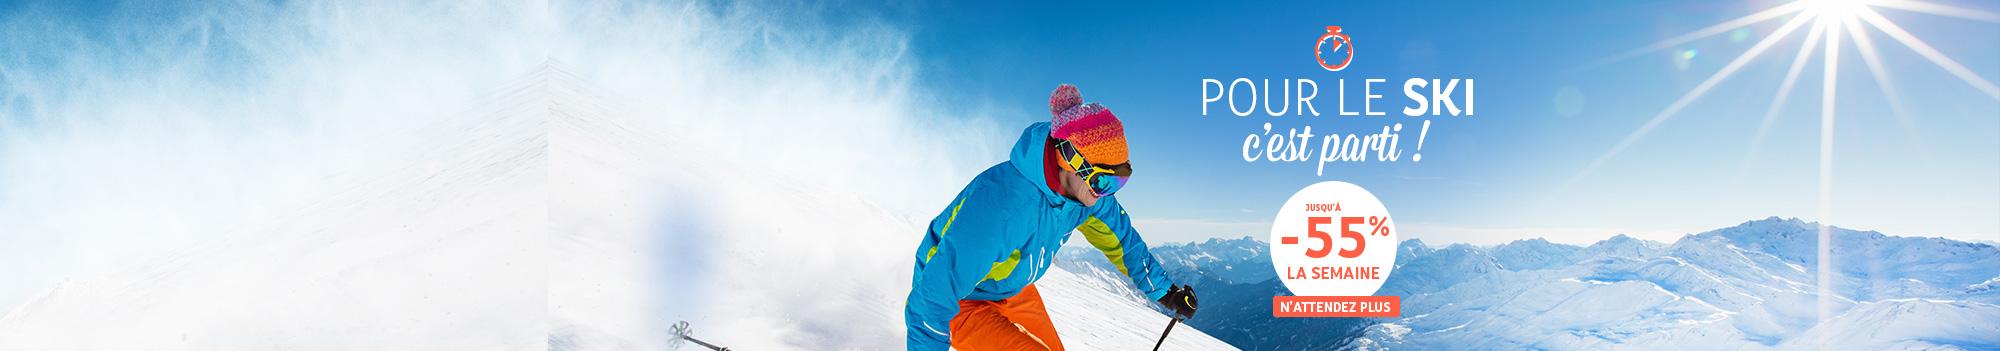 Ski Maeva